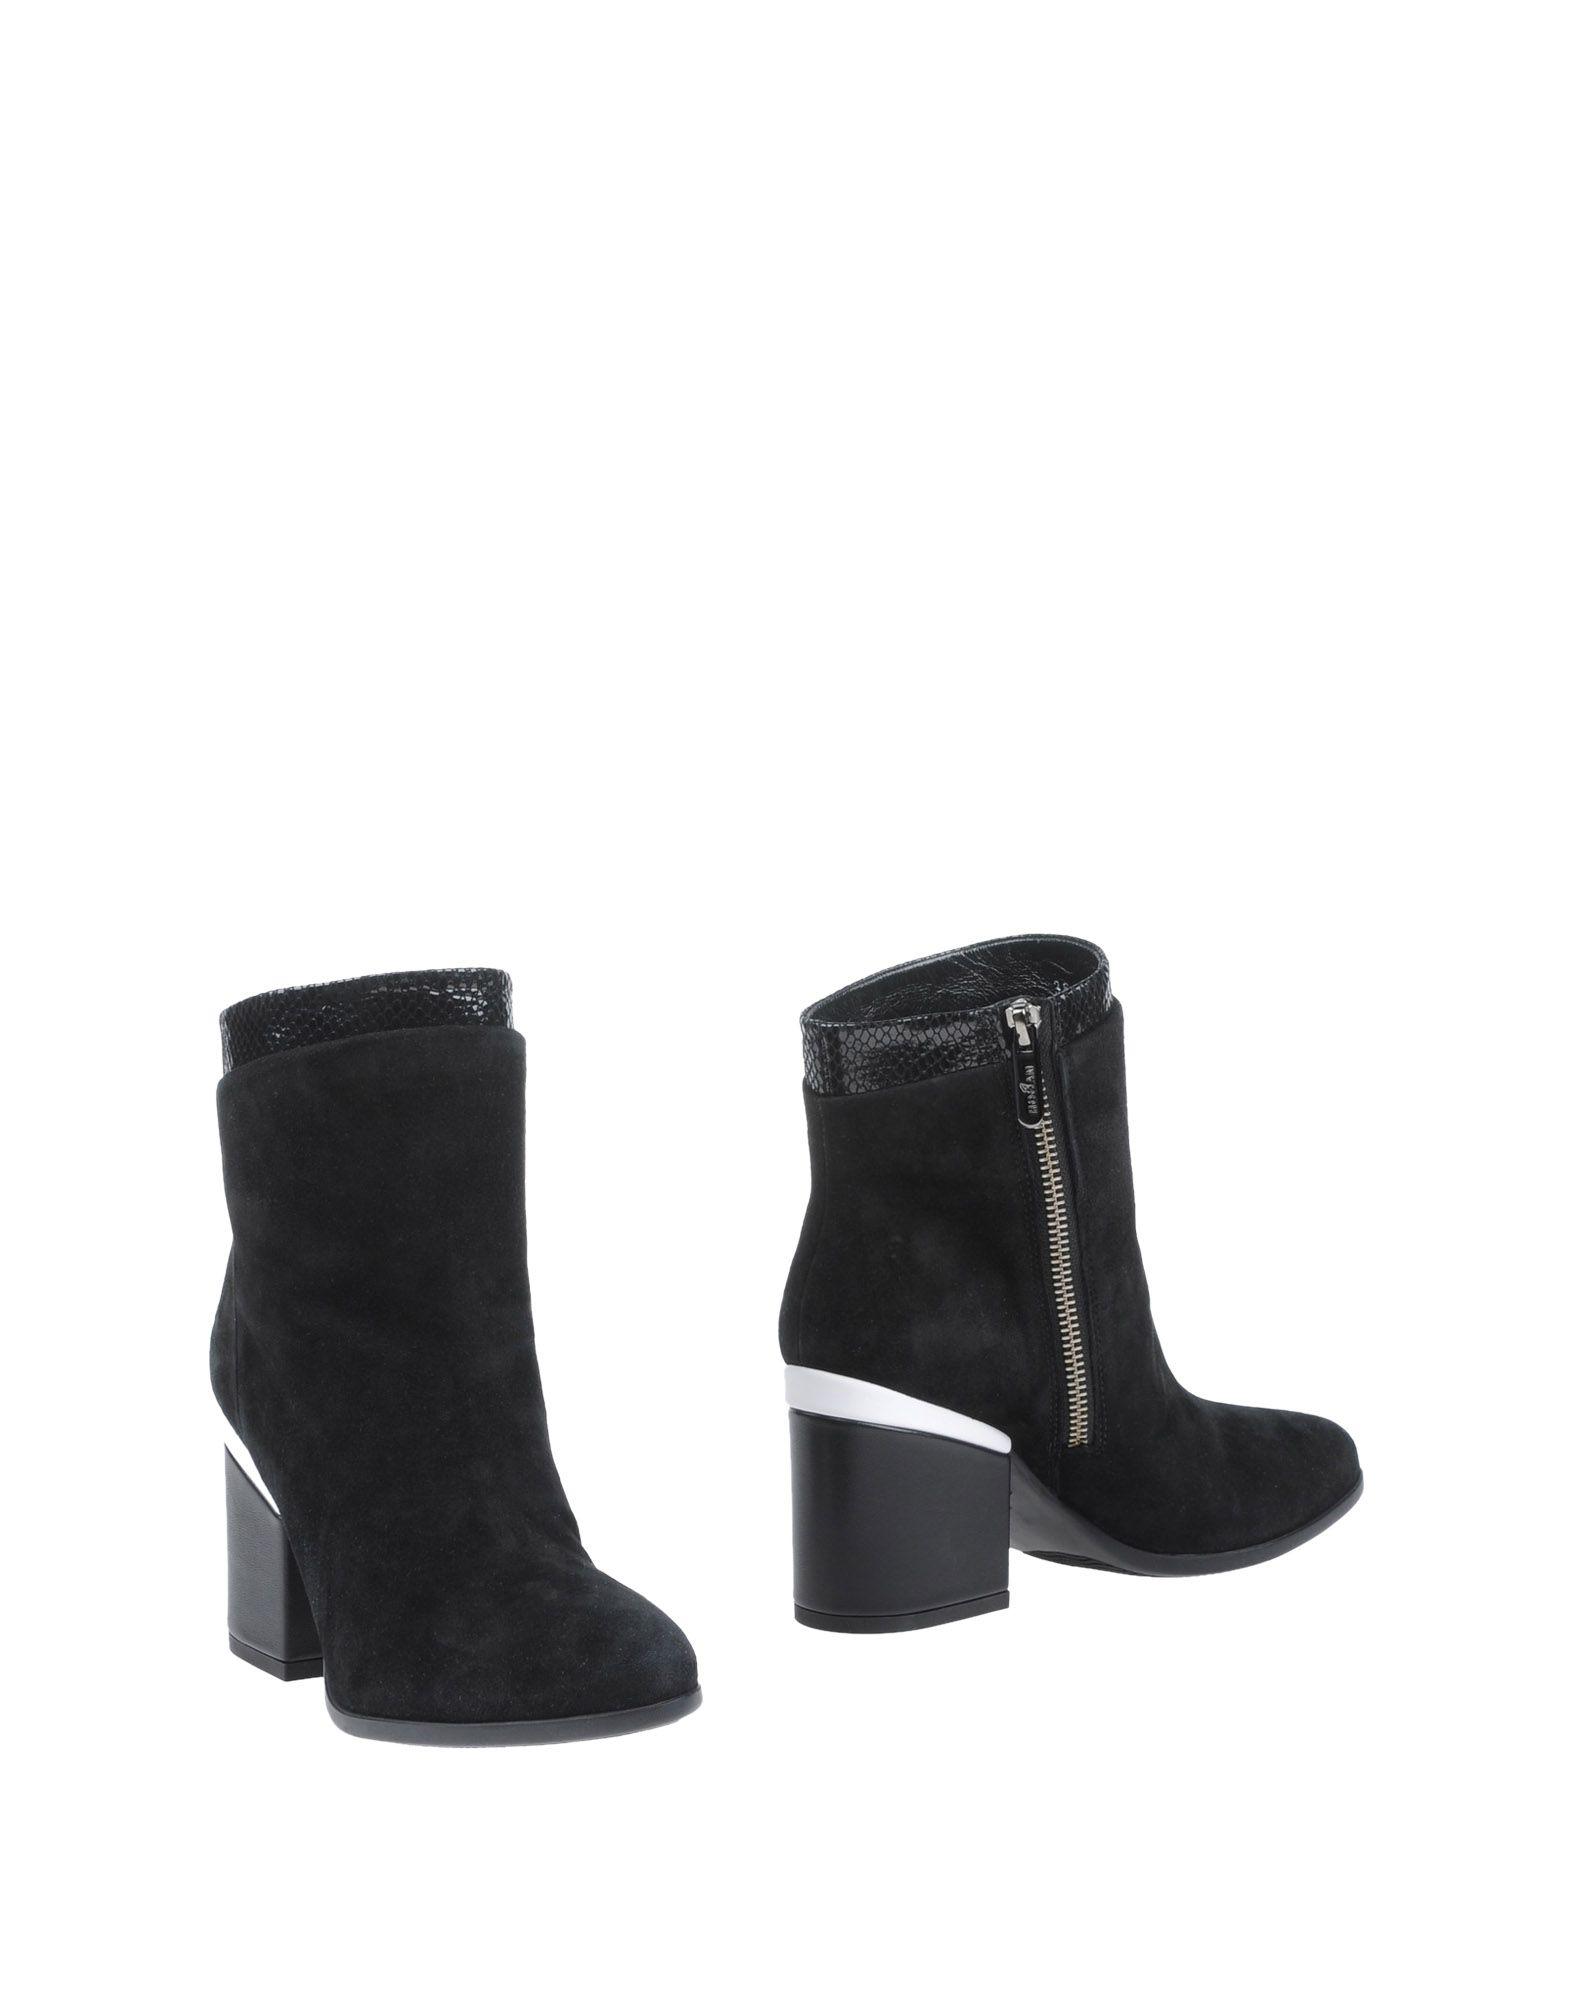 Hogan Stiefelette Damen  11298902BVGut aussehende strapazierfähige Schuhe